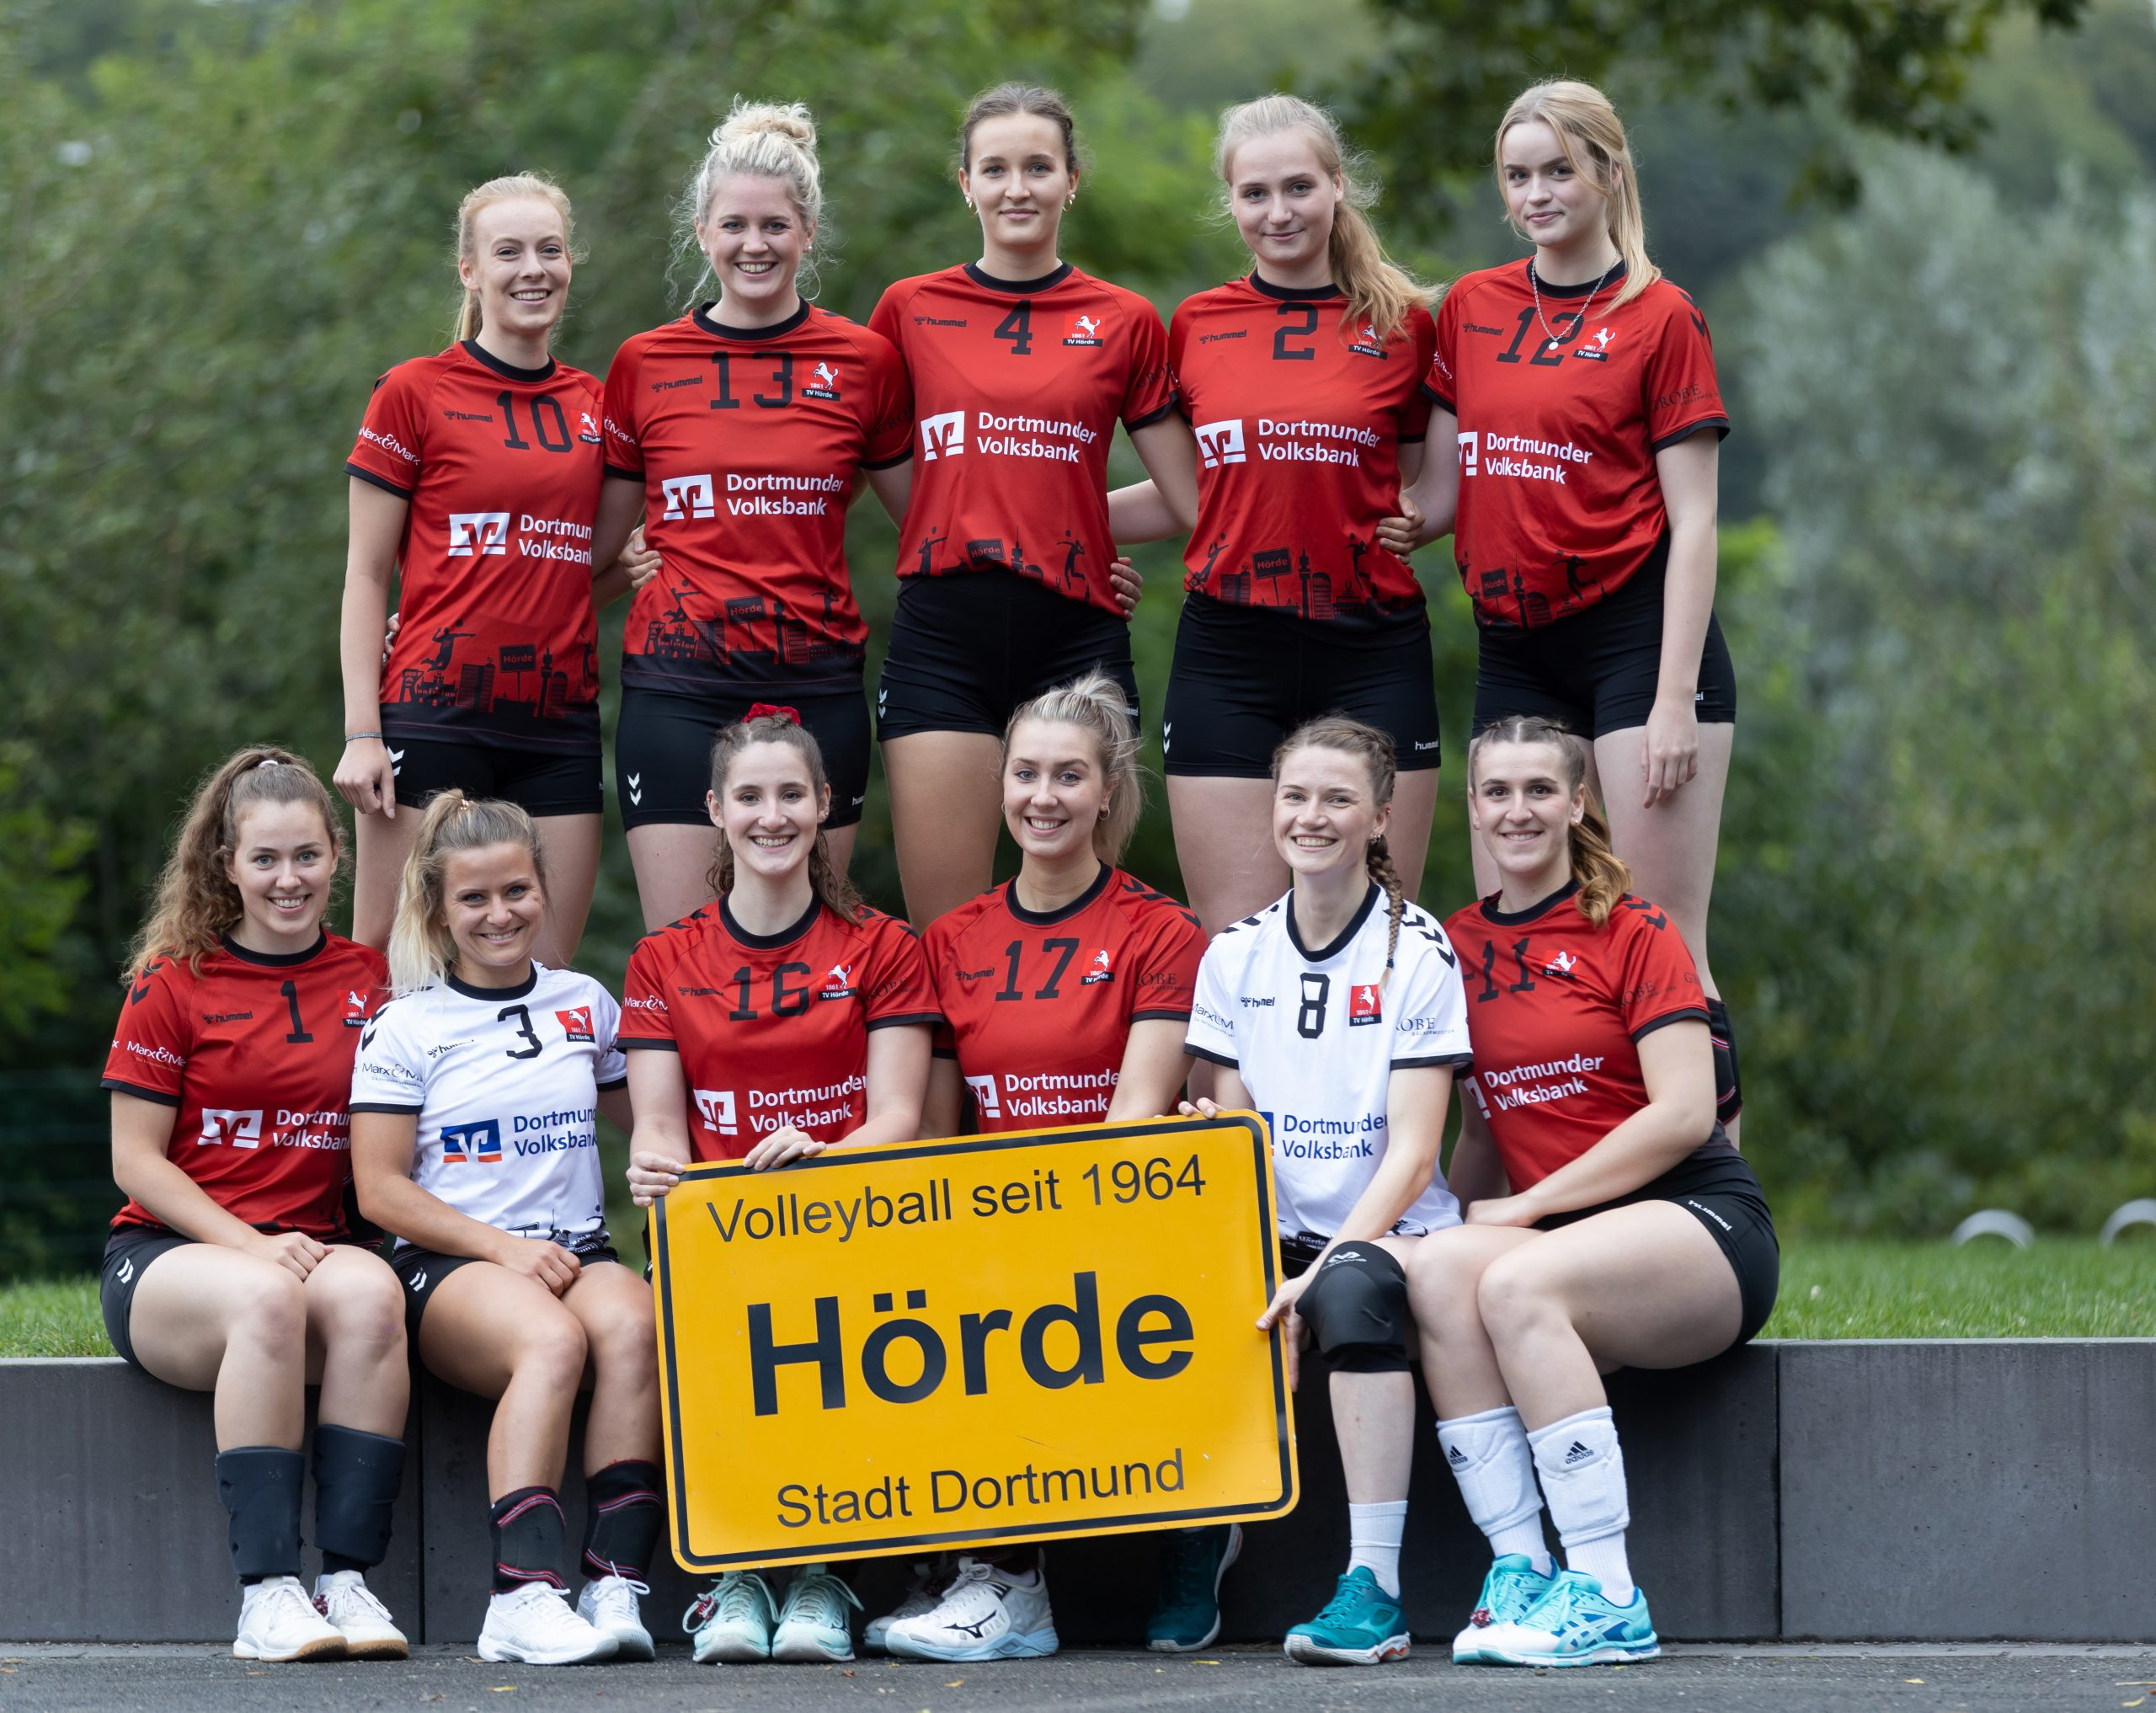 Volleyball Damen / TV Hörde / 1. Mannschaft Foto: Dieter Menne Datum: 15.09.2021